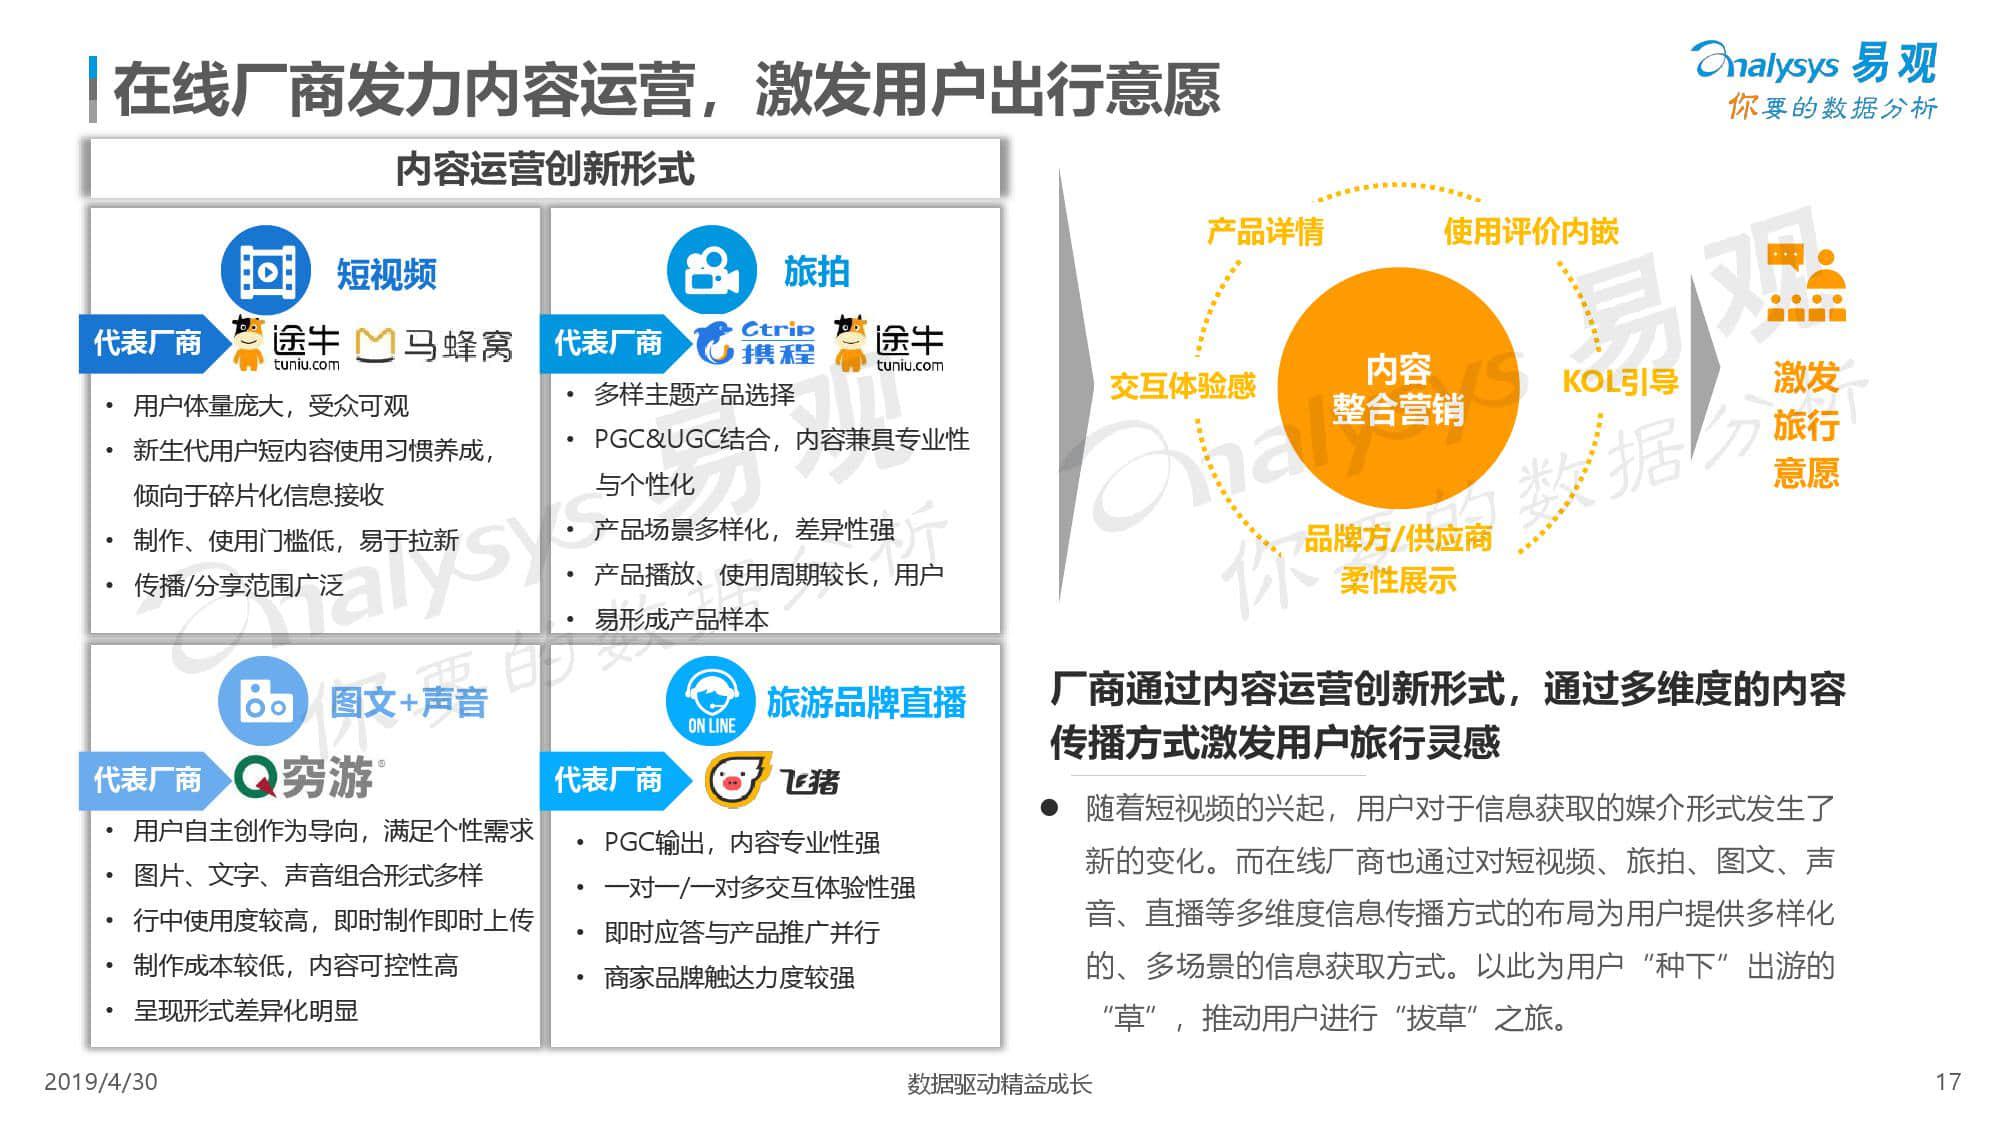 易观:2019中国在线旅游市场年度综合分析(199it)